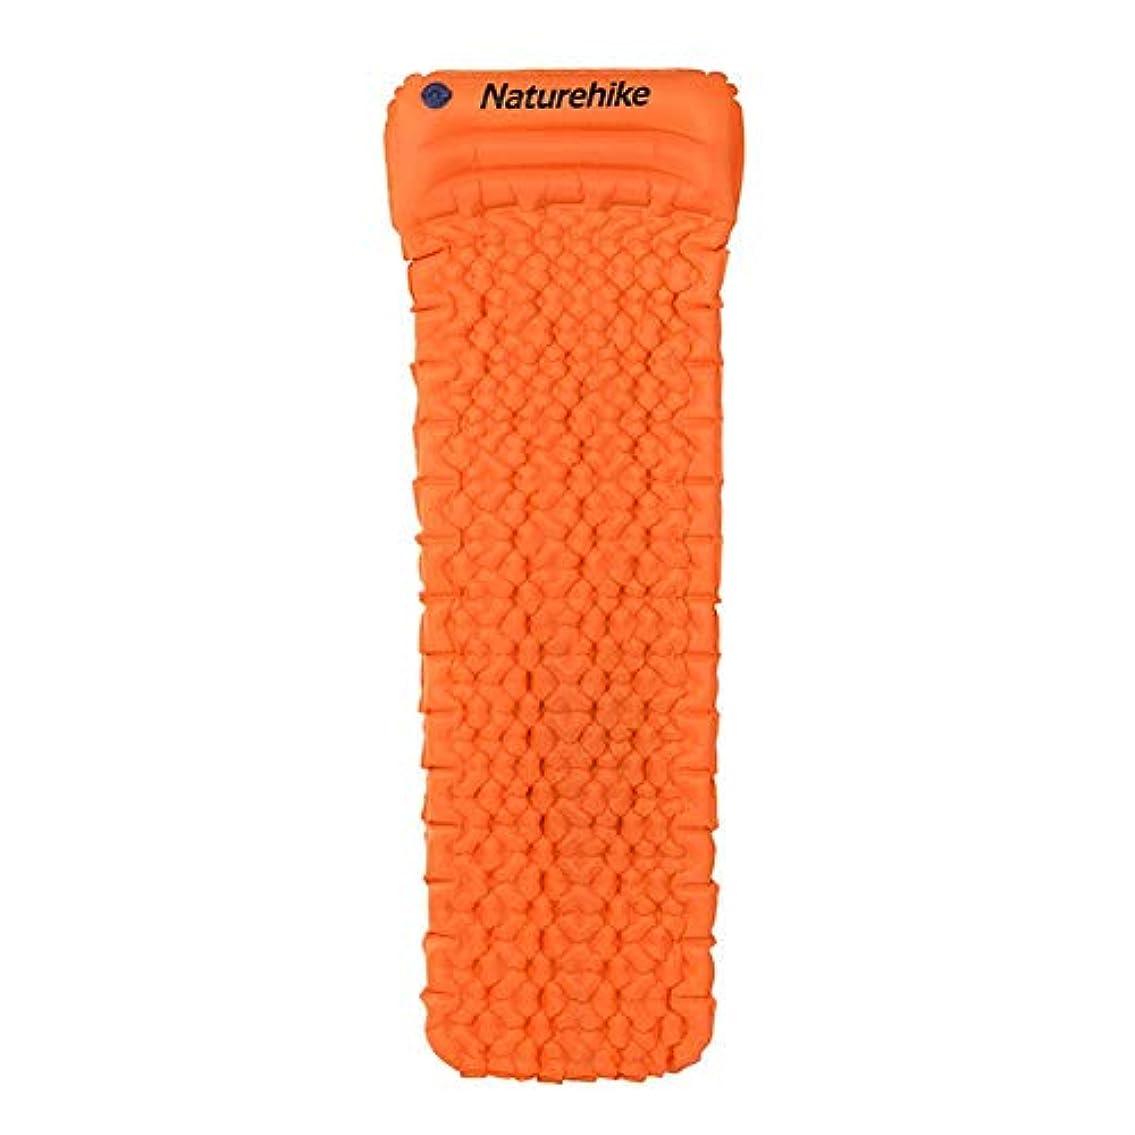 ブーストフォームうがいk-outdoor エアー寝袋 インフレータブル 封筒型 クッション 防湿 マット アウトドア 通気 軽量 コンパクト 収納袋付き 旅行 オフィス 防災 緊急用